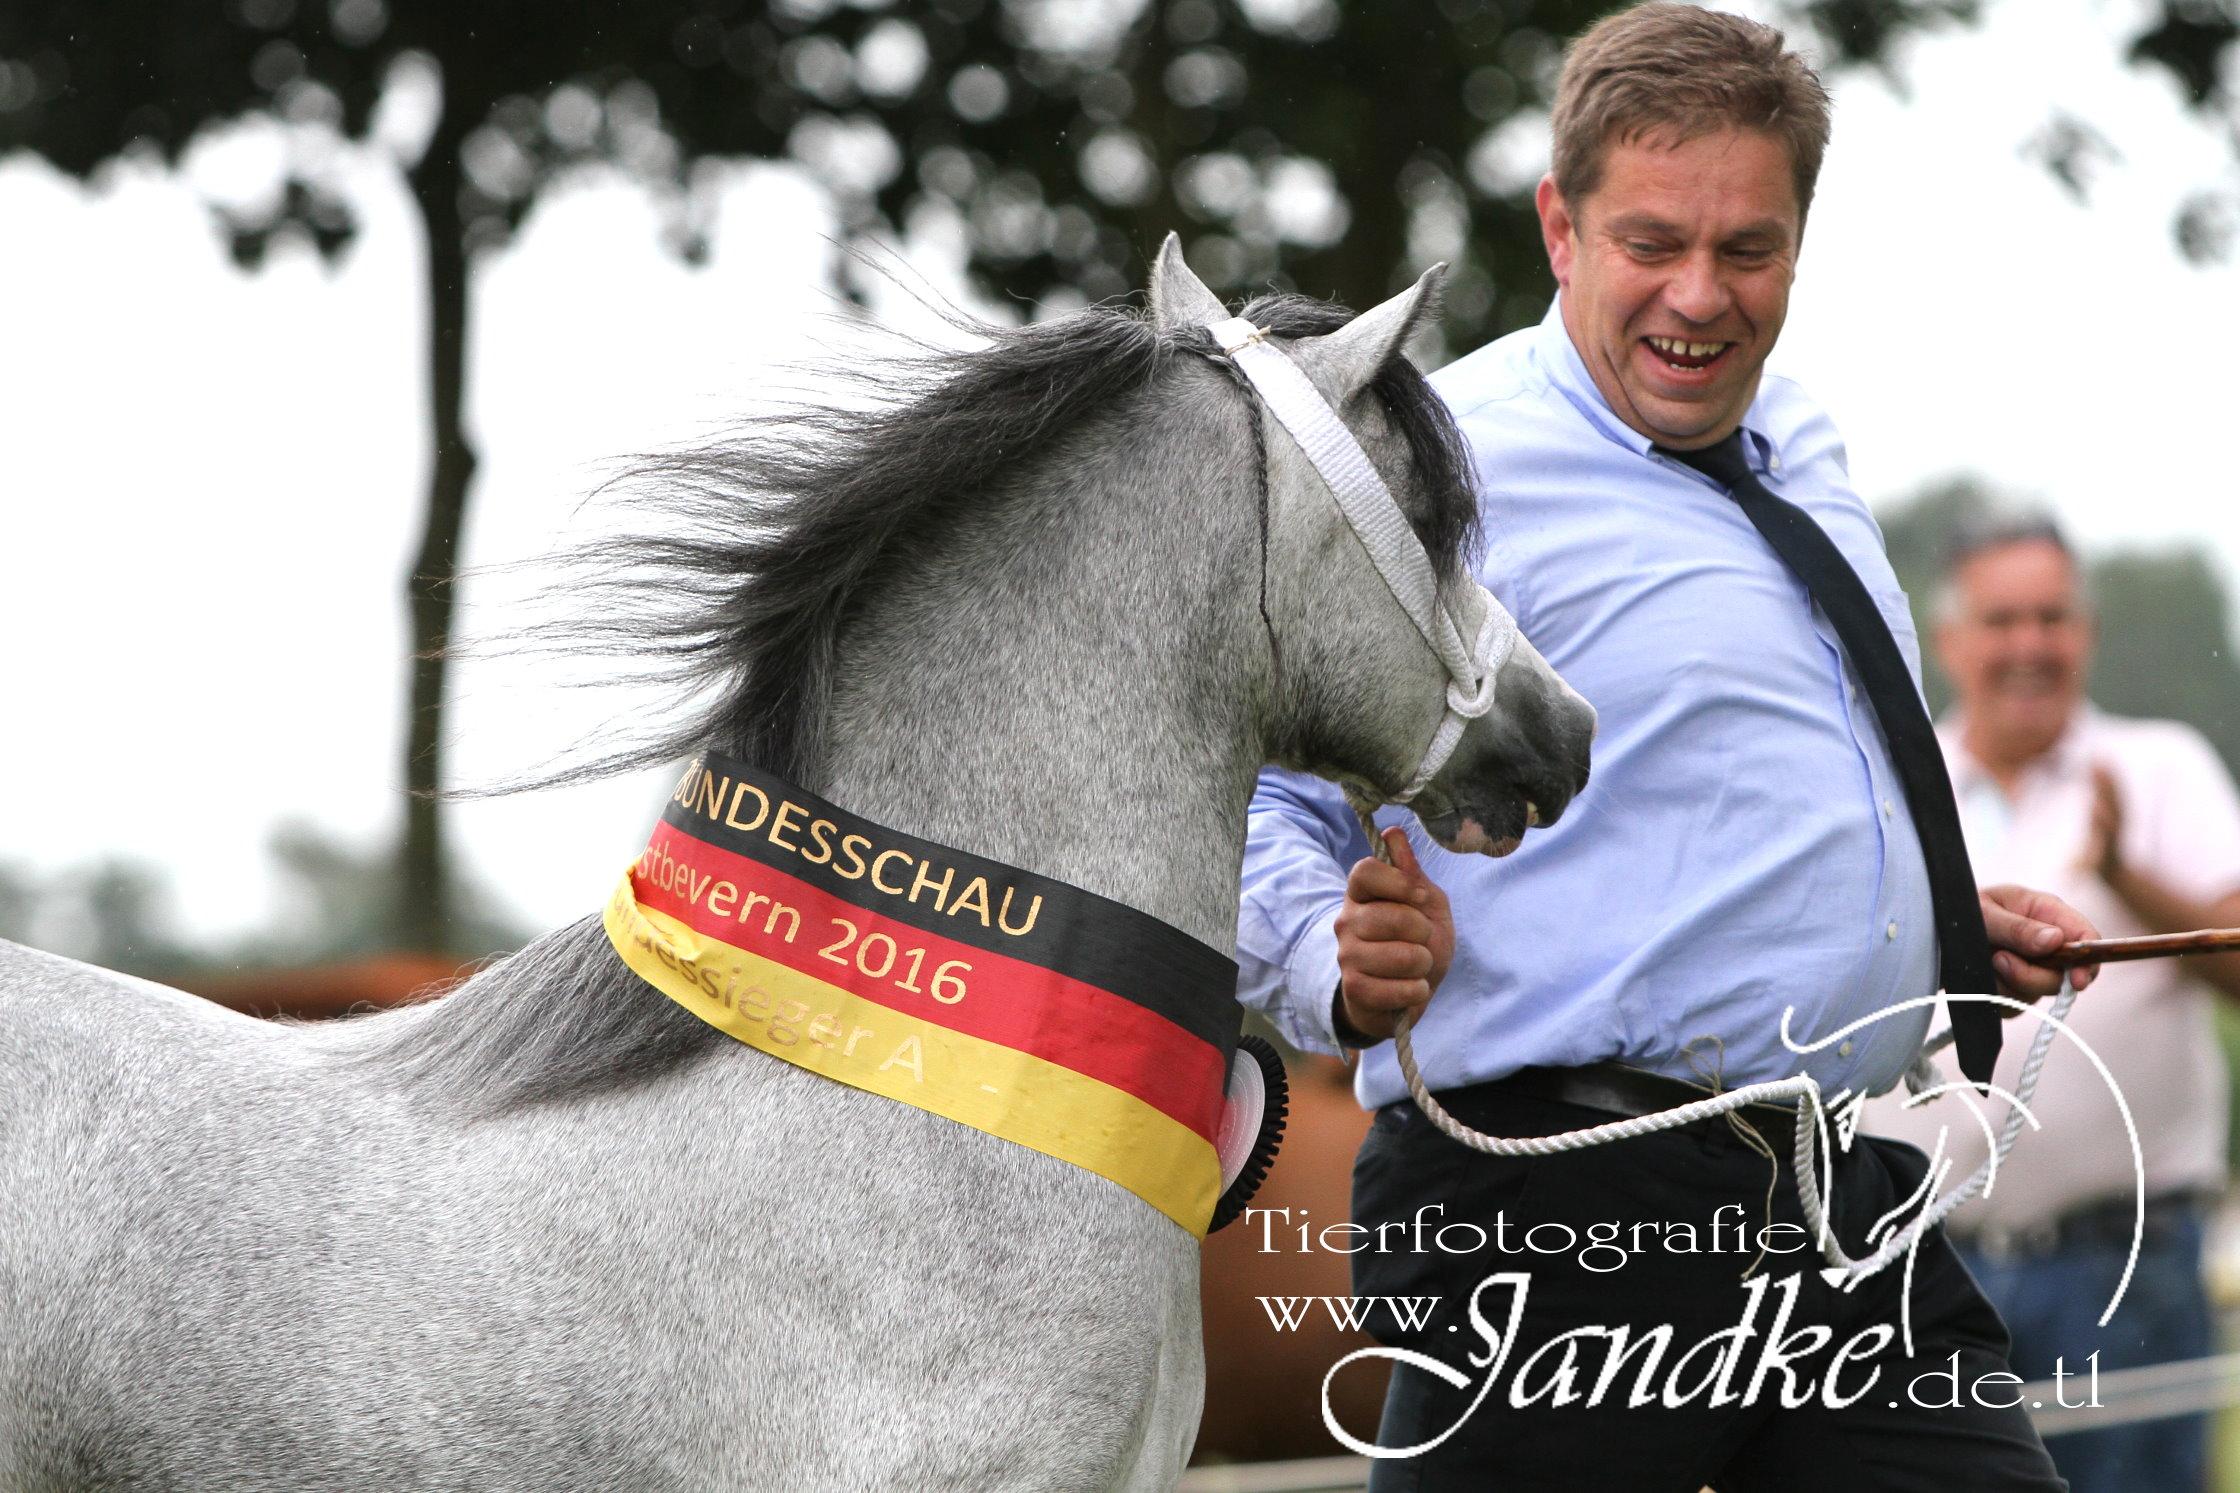 Foto Tierfotografie Jandke (49)